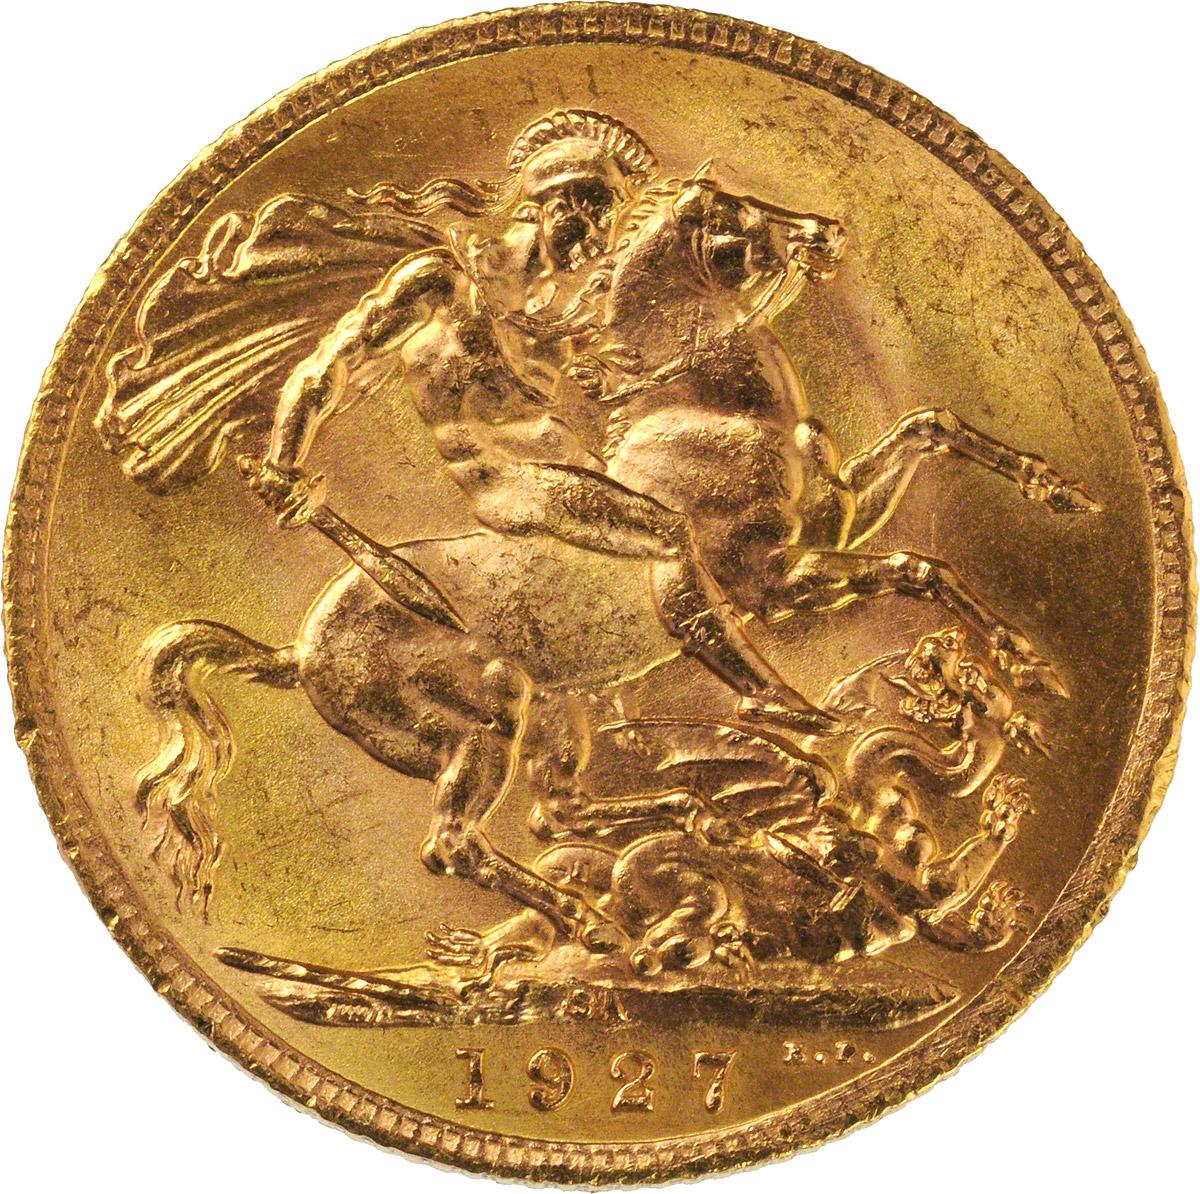 1927 Γεώργιος Ε' (Νομισματοκοπείο Πρετόρια, Νότια Αφρική)